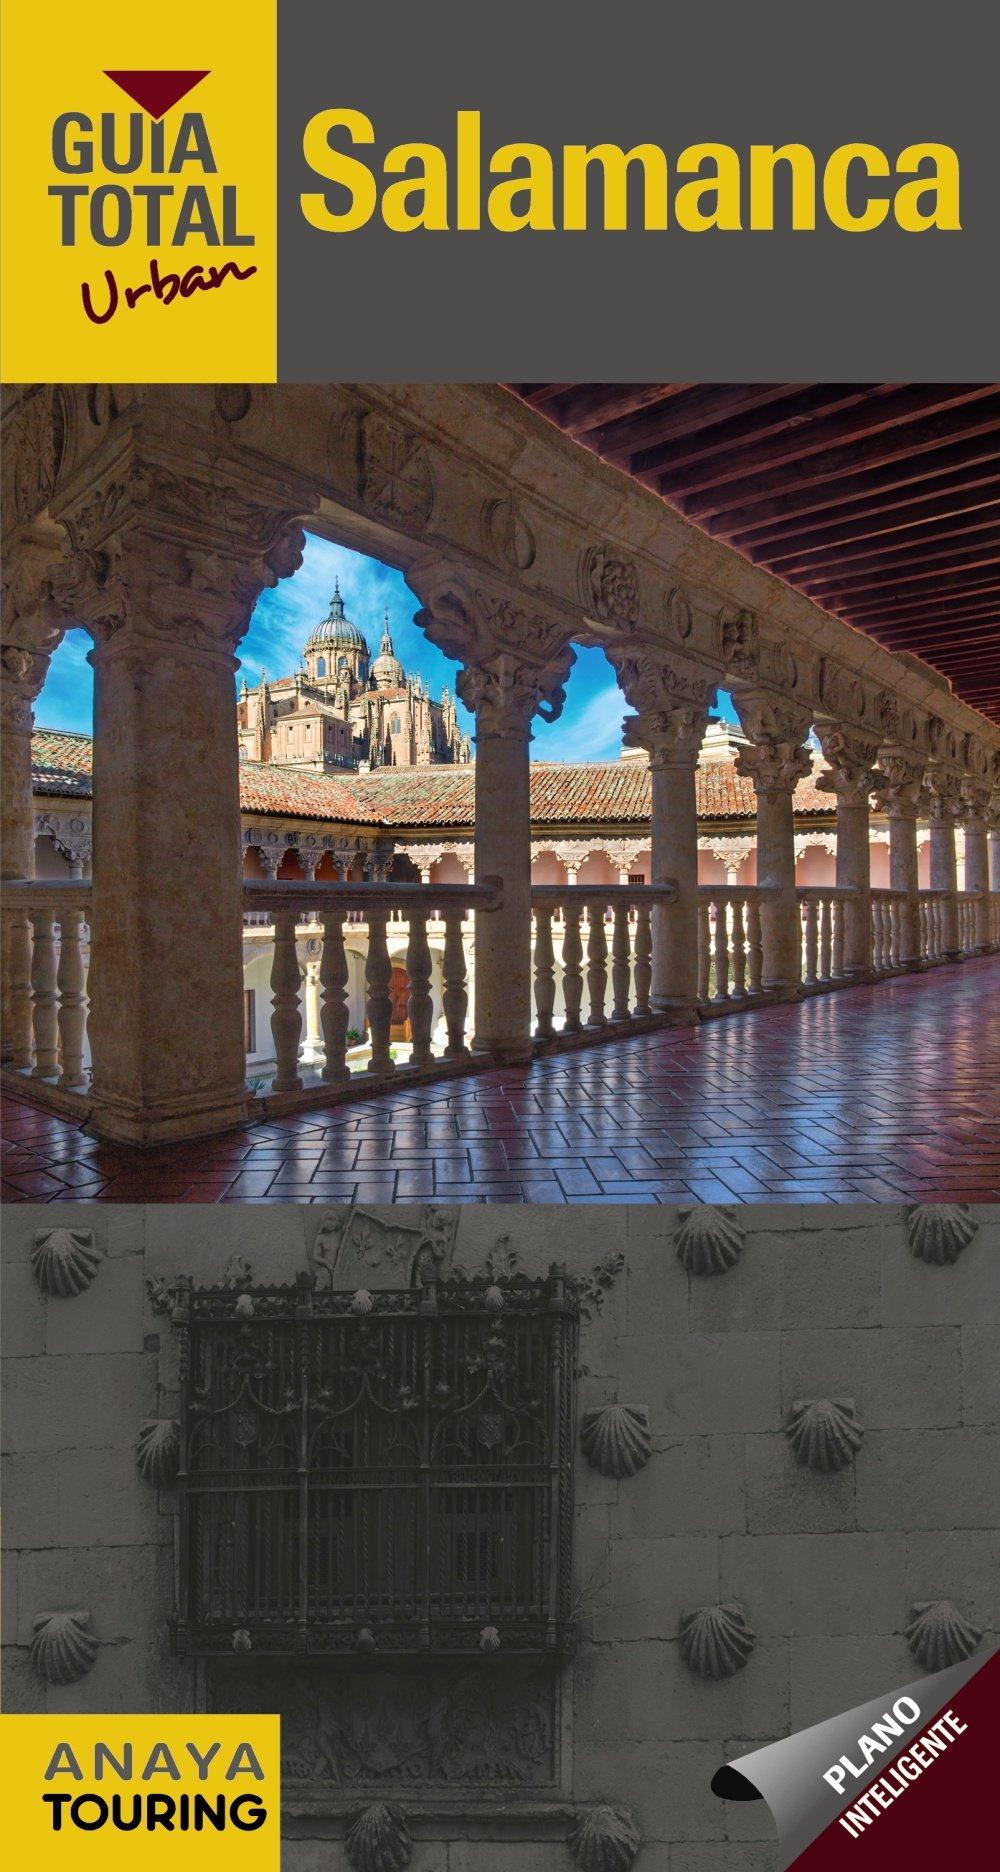 Salamanca (Urban) (Guía Total - Urban - España): Amazon.es: Anaya Touring, Francia Sánchez, Ignacio: Libros